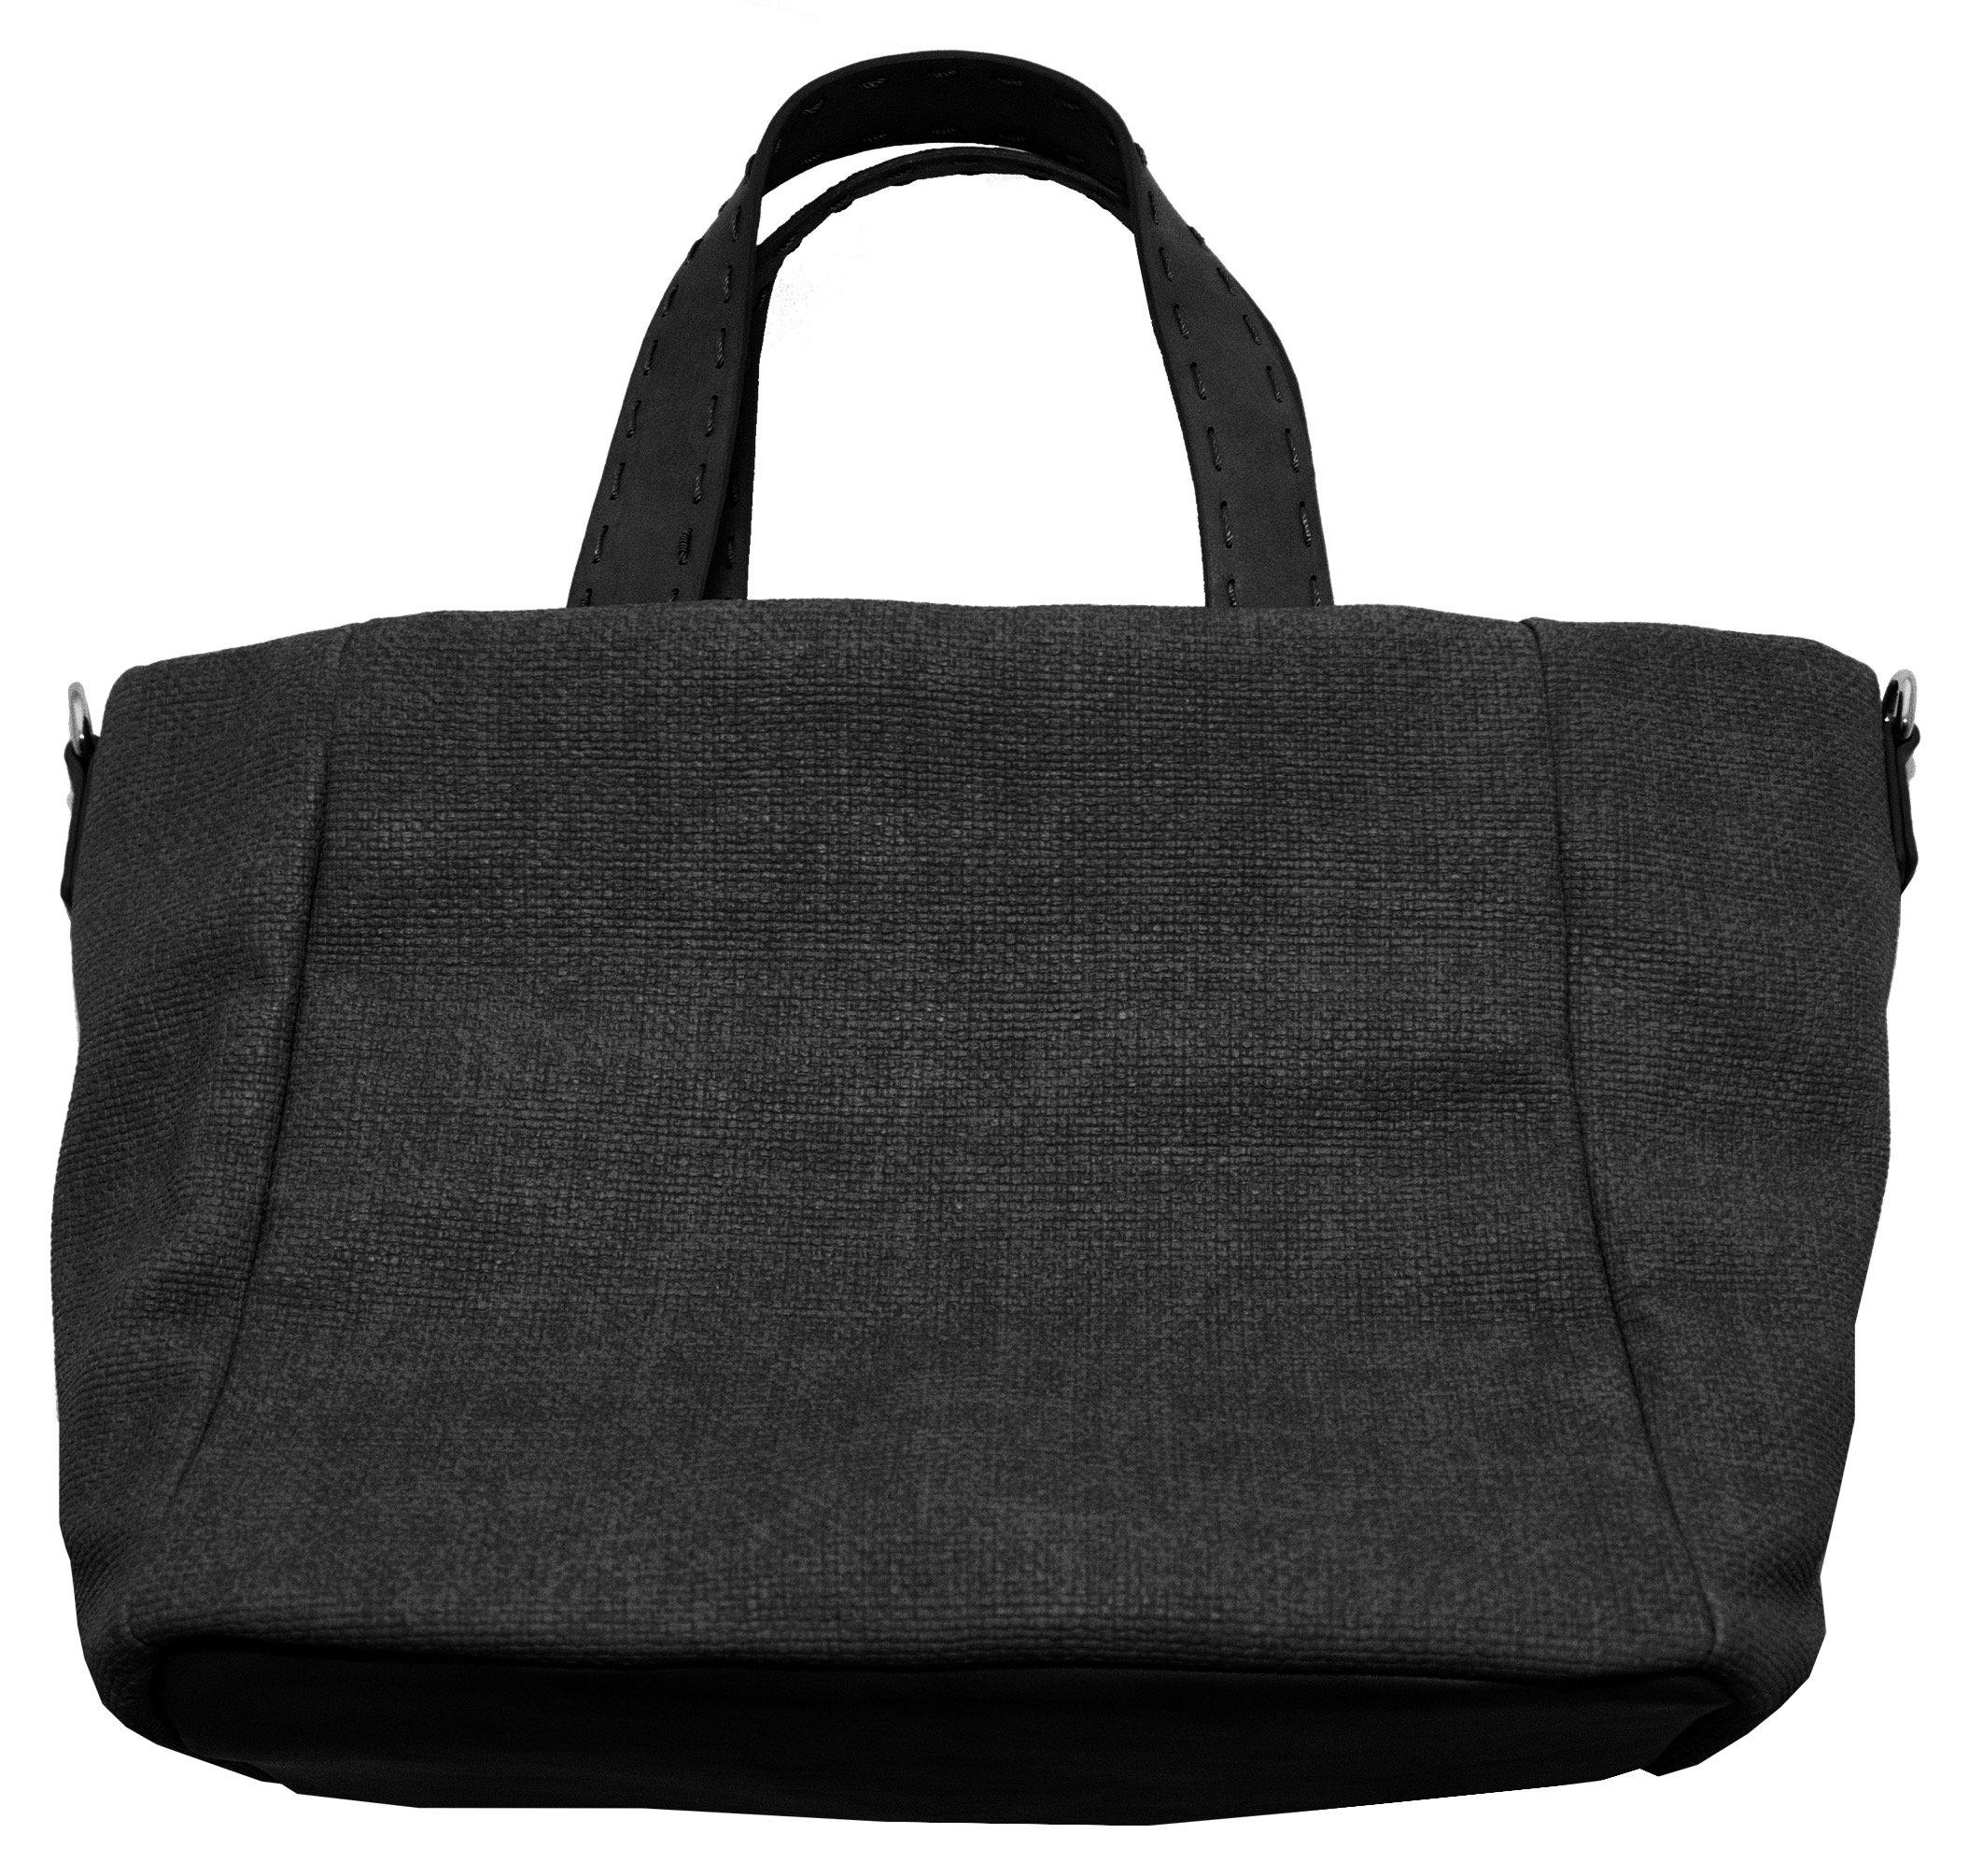 Vleder BAG tas »Andrea« bij OTTO online kopen